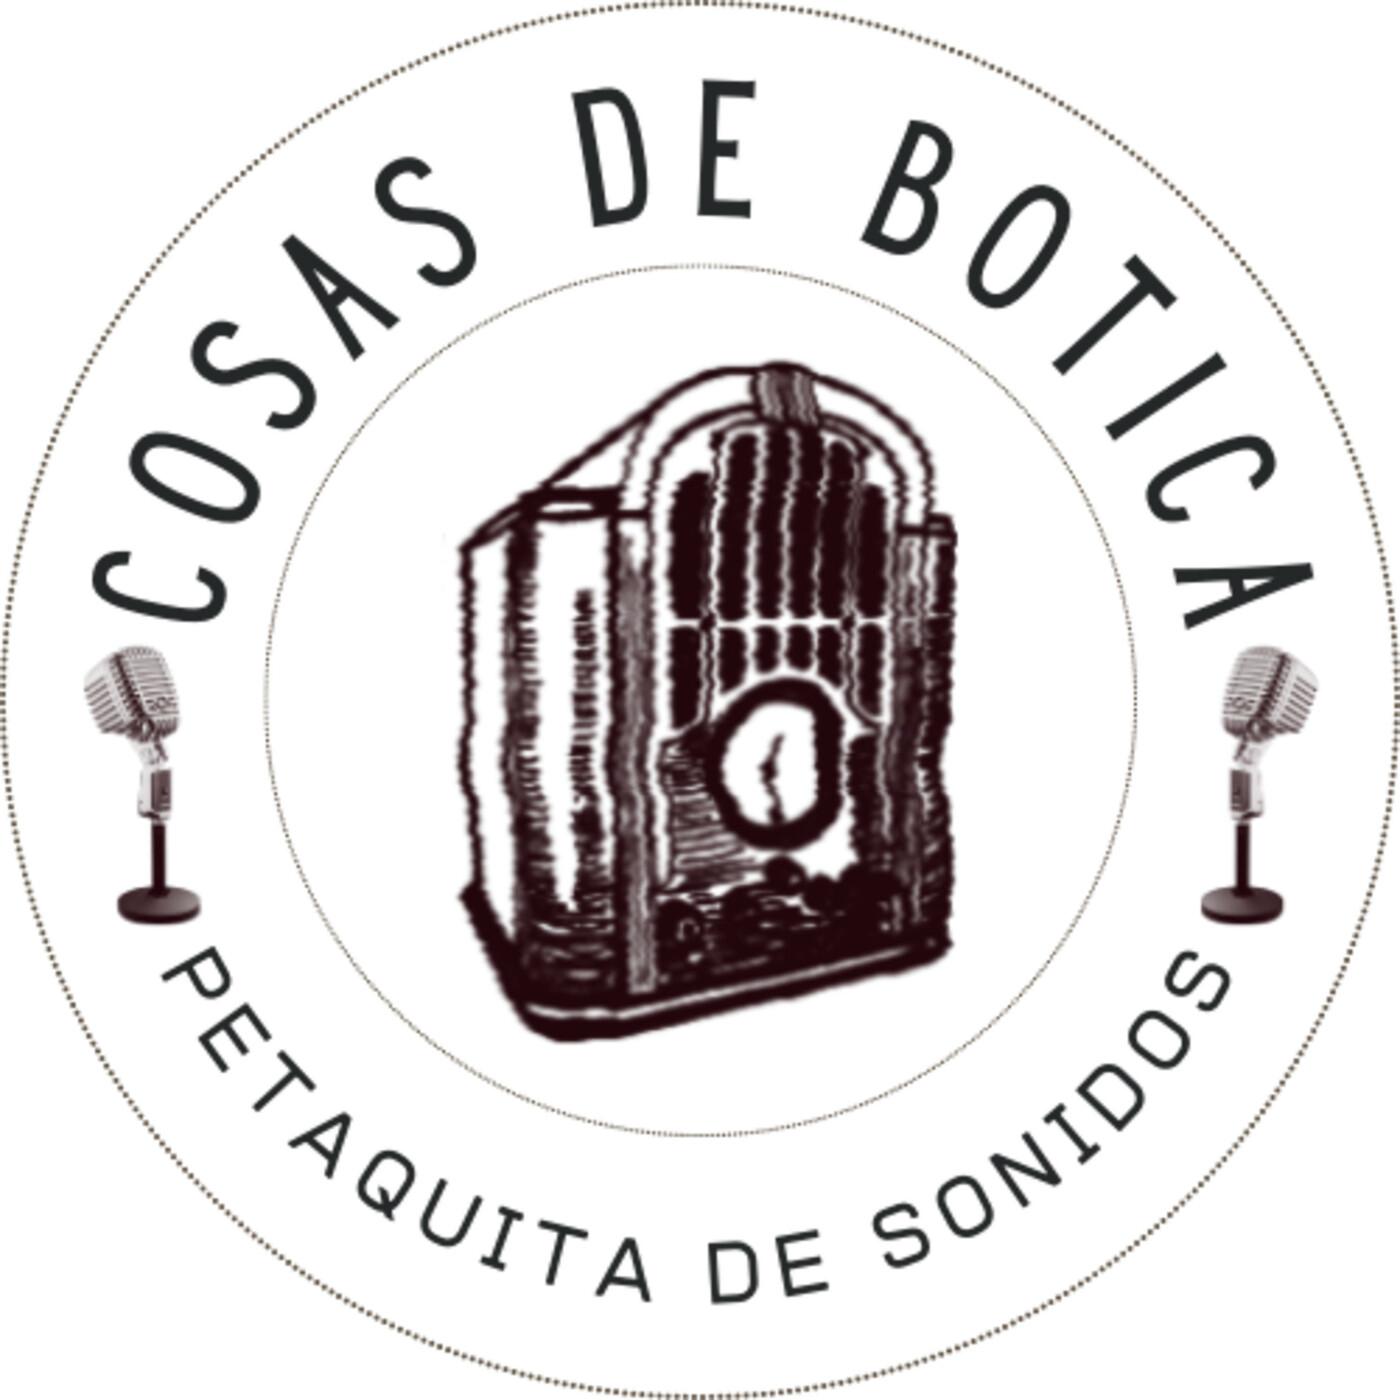 Cosas de Botica: Agustín Donati